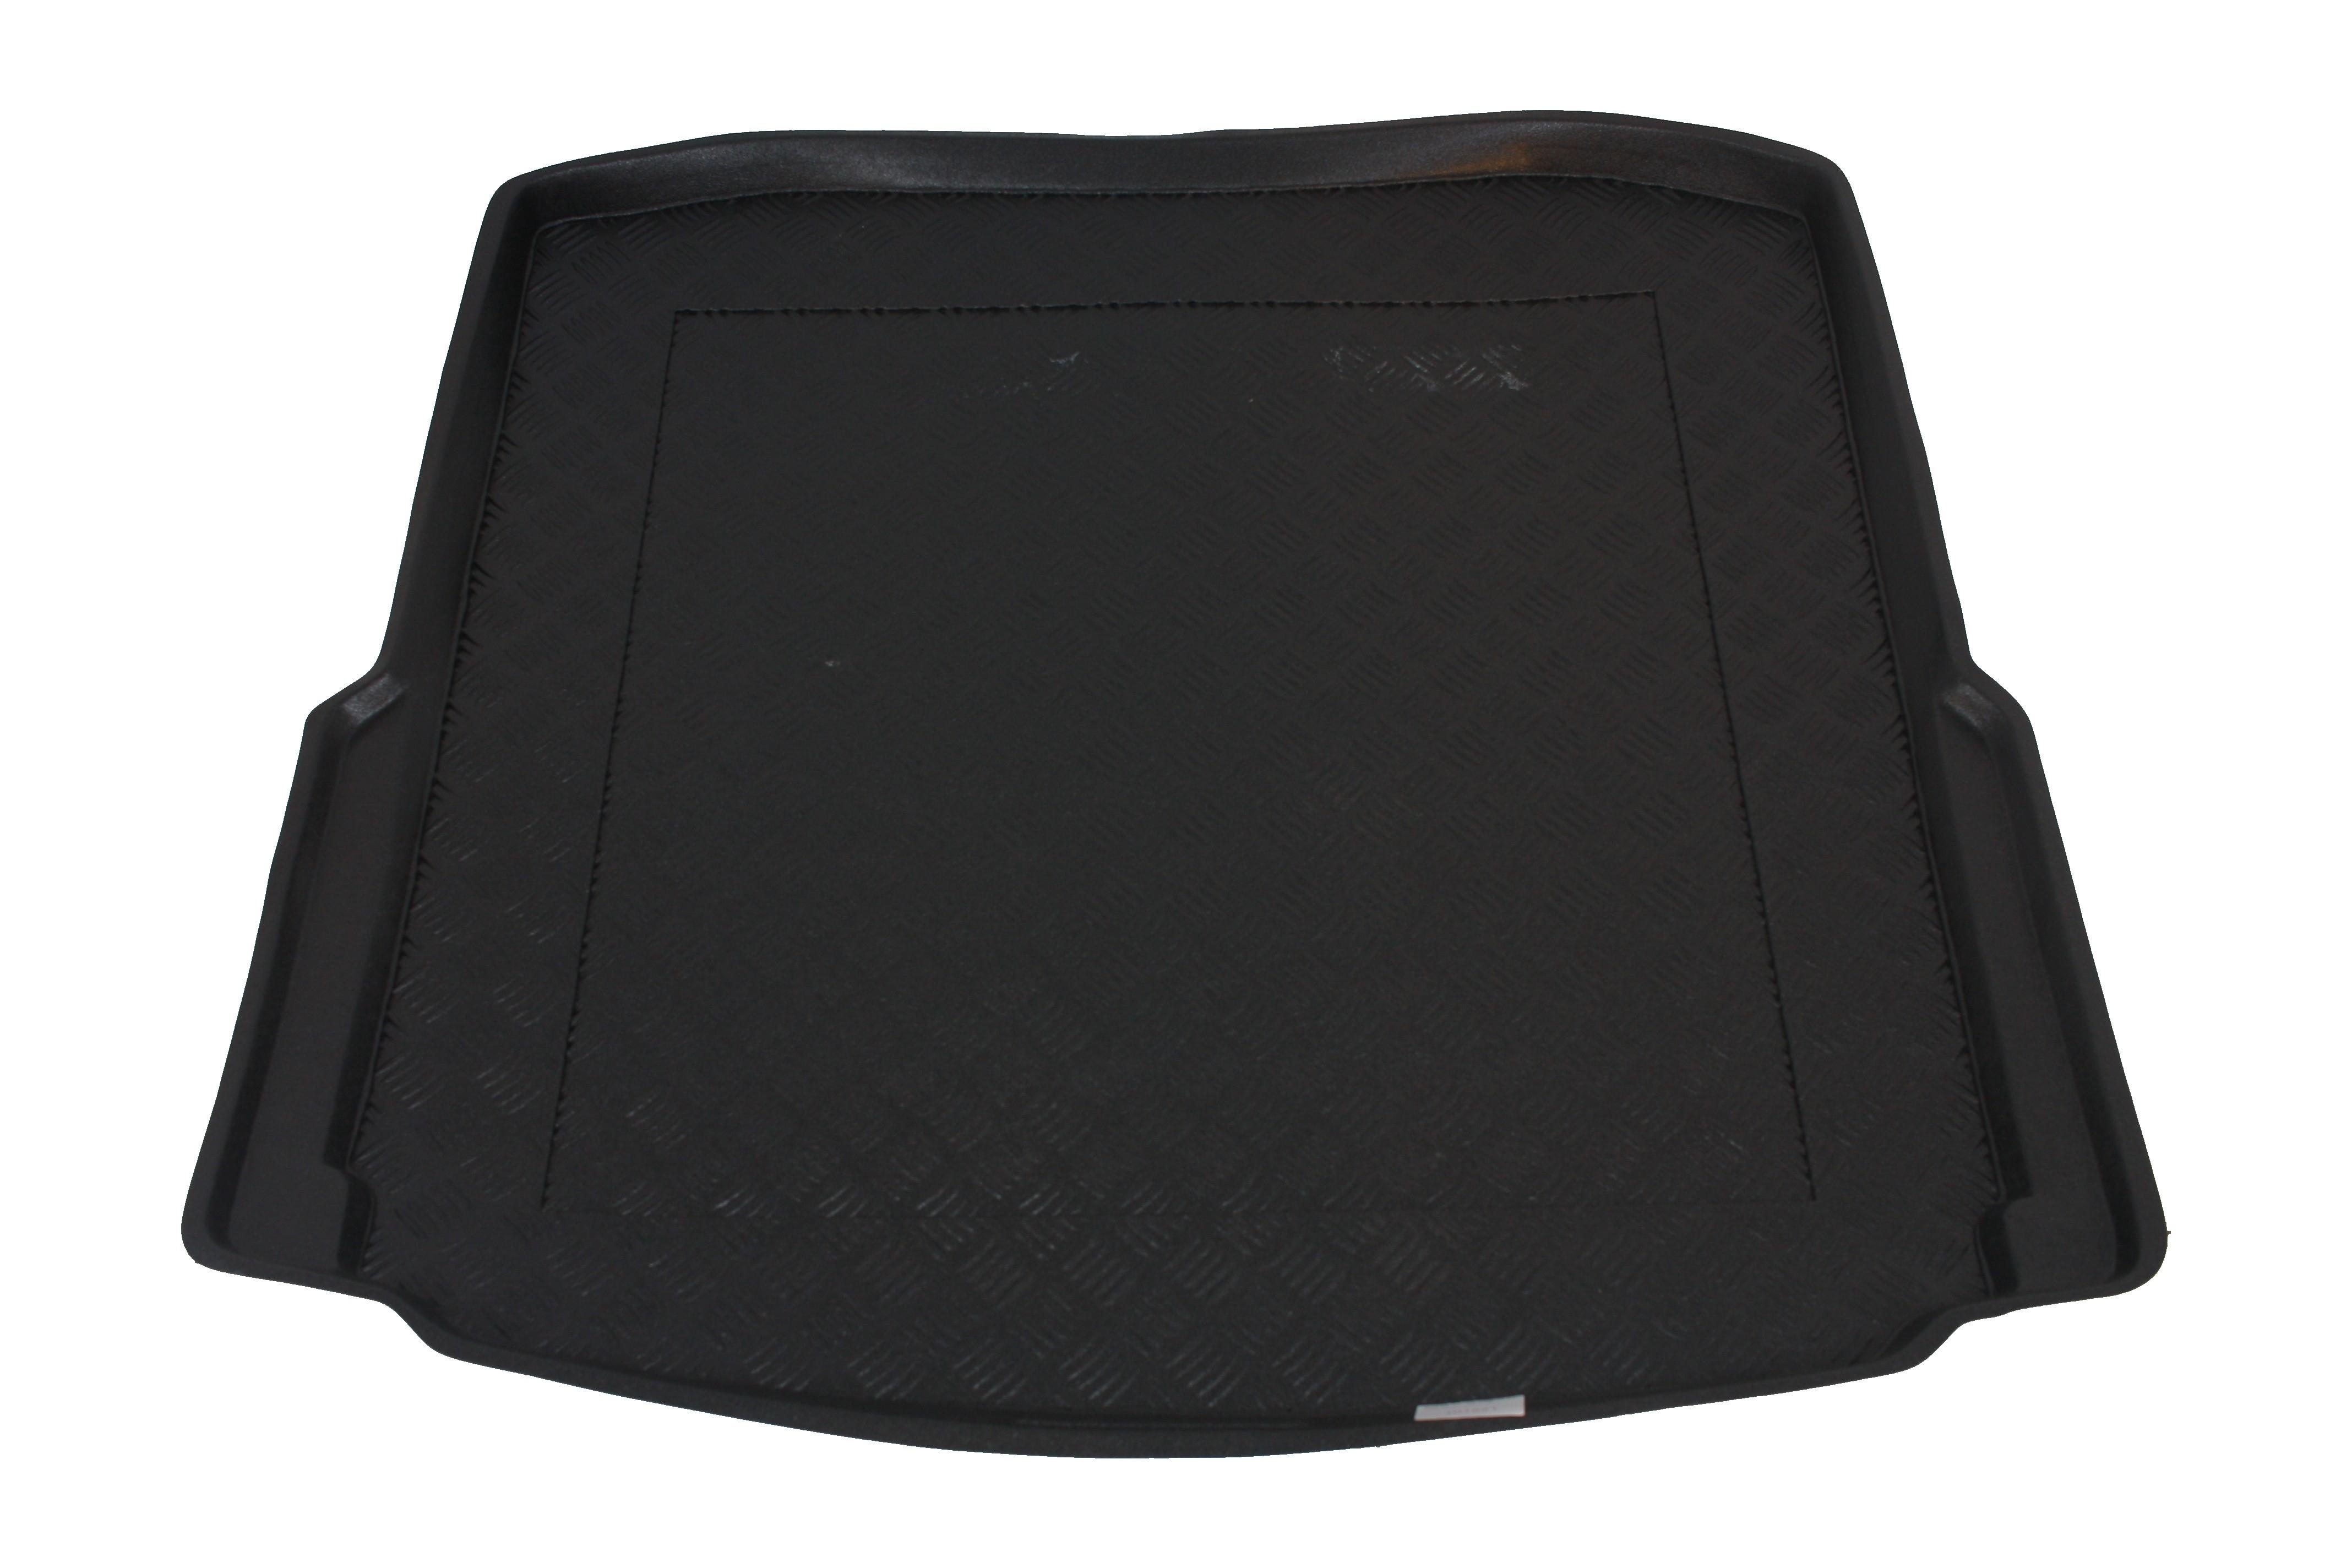 Covoras tavita portbagaj compatibil cu SKODA Octavia III Hatchback 2013- [0]